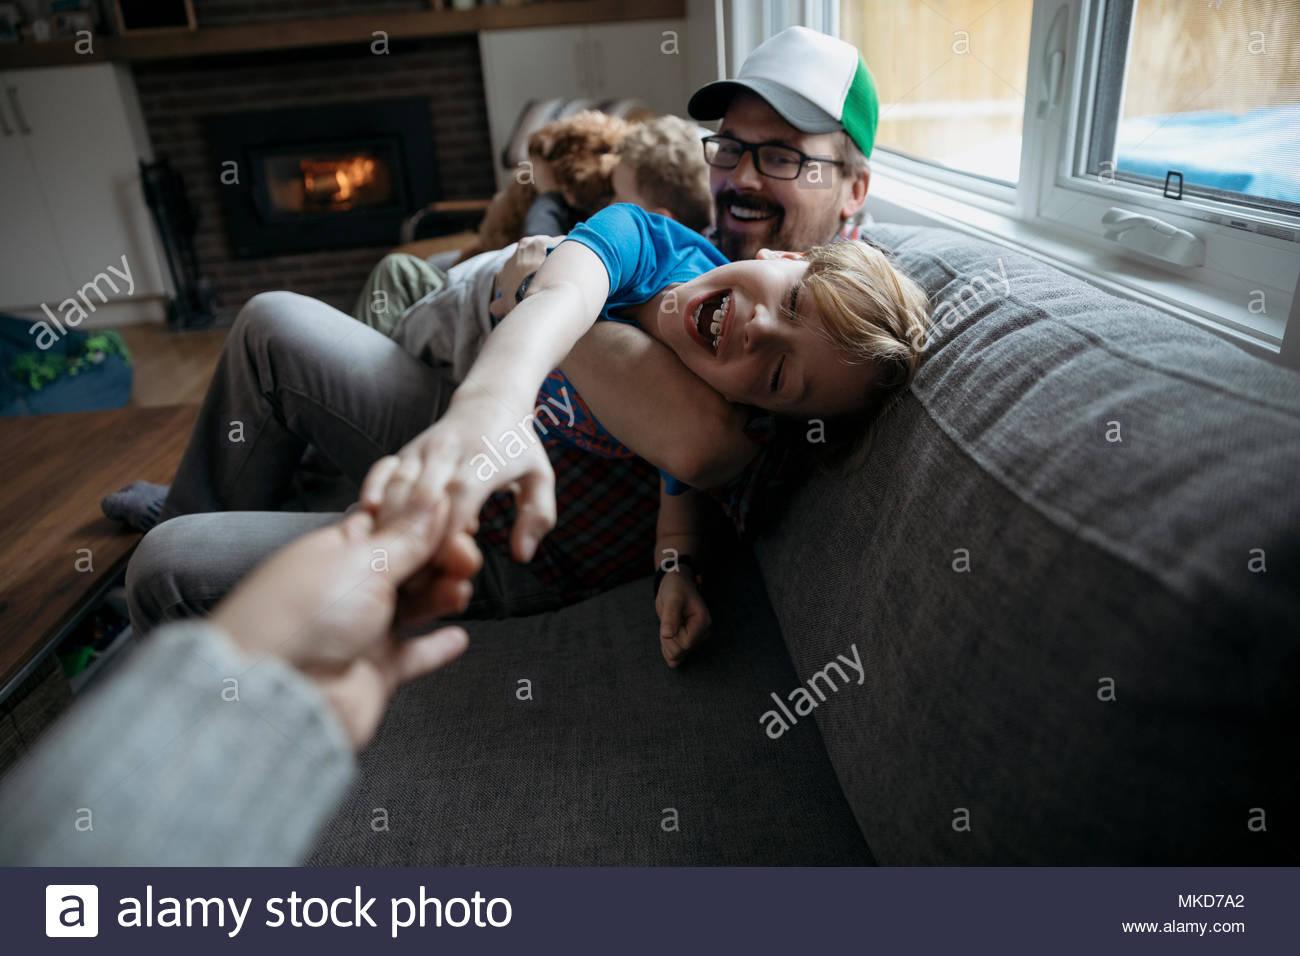 Punto di vista personale famiglia giocando sul divano Immagini Stock